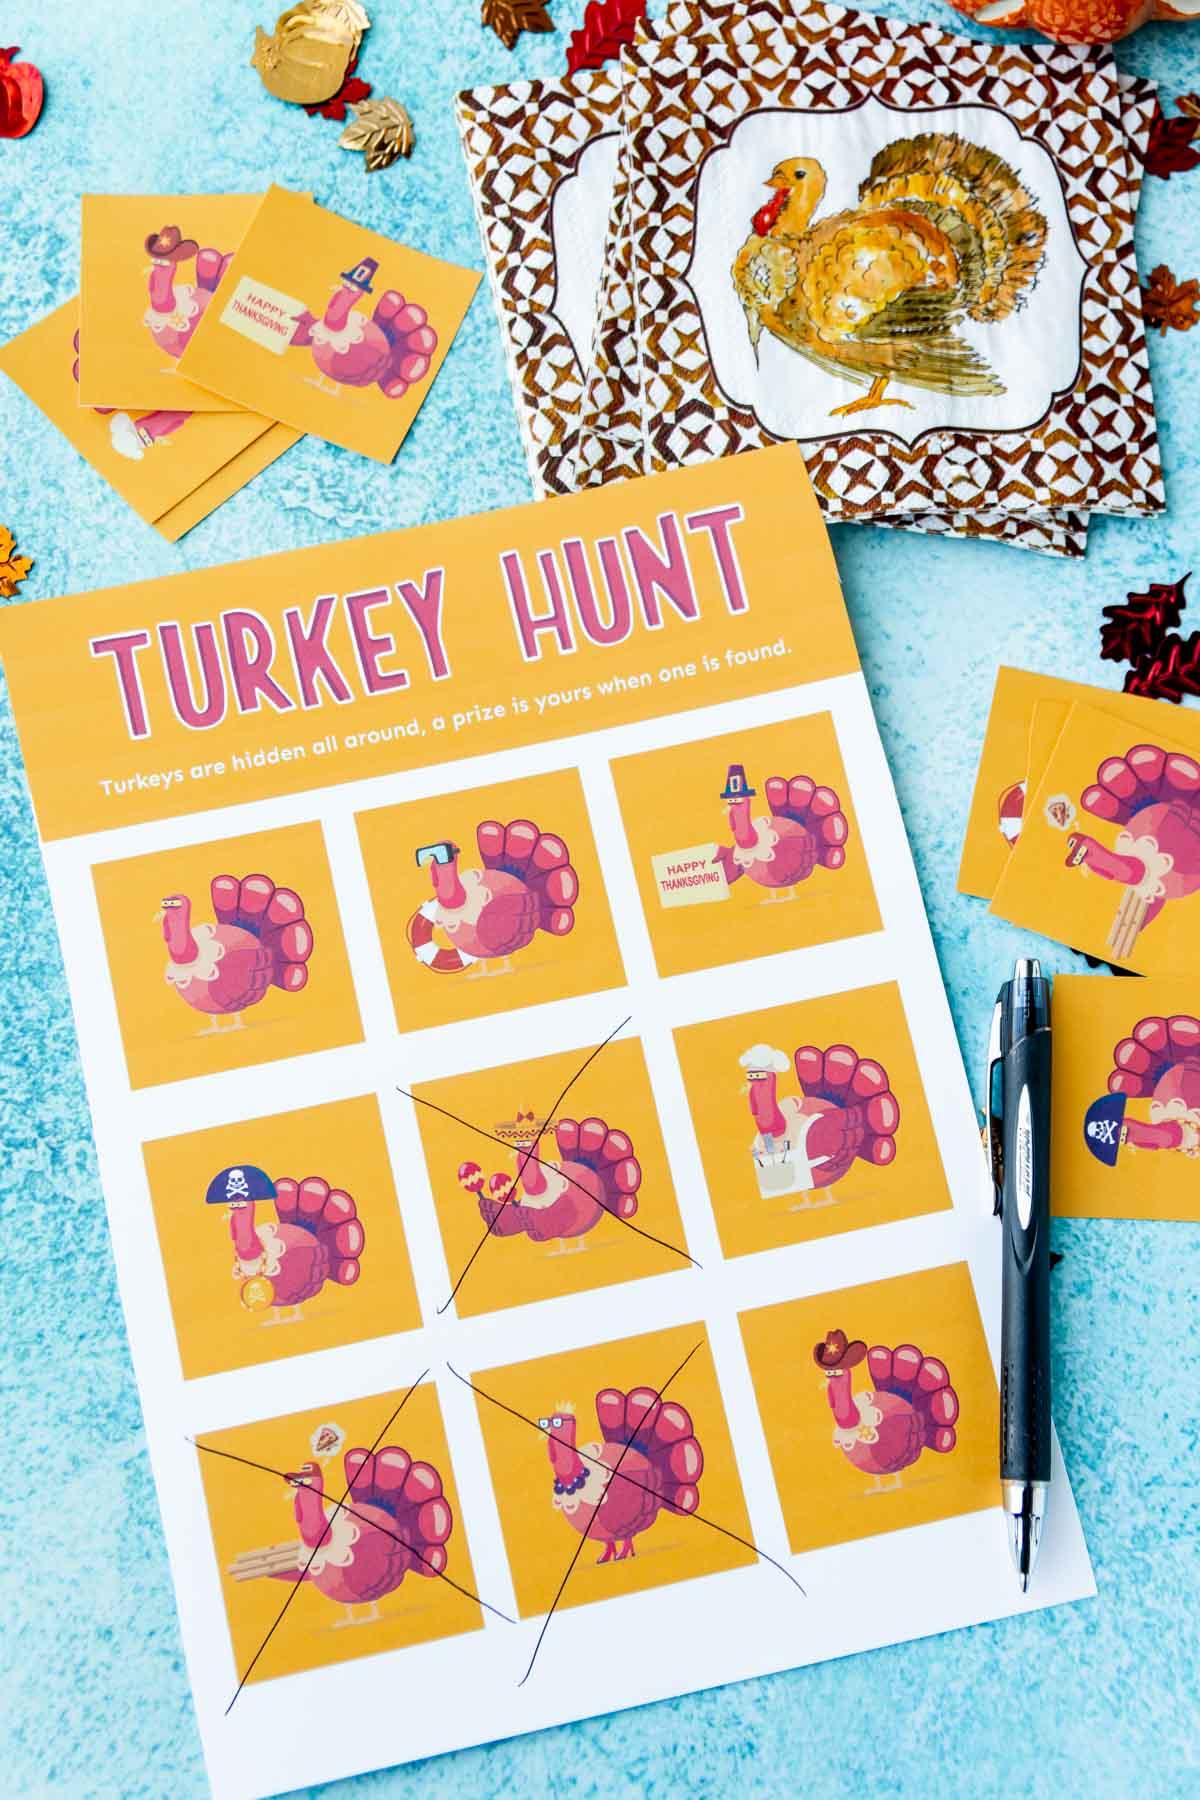 Turkey hunt with a pen and pen marking X across turkeys